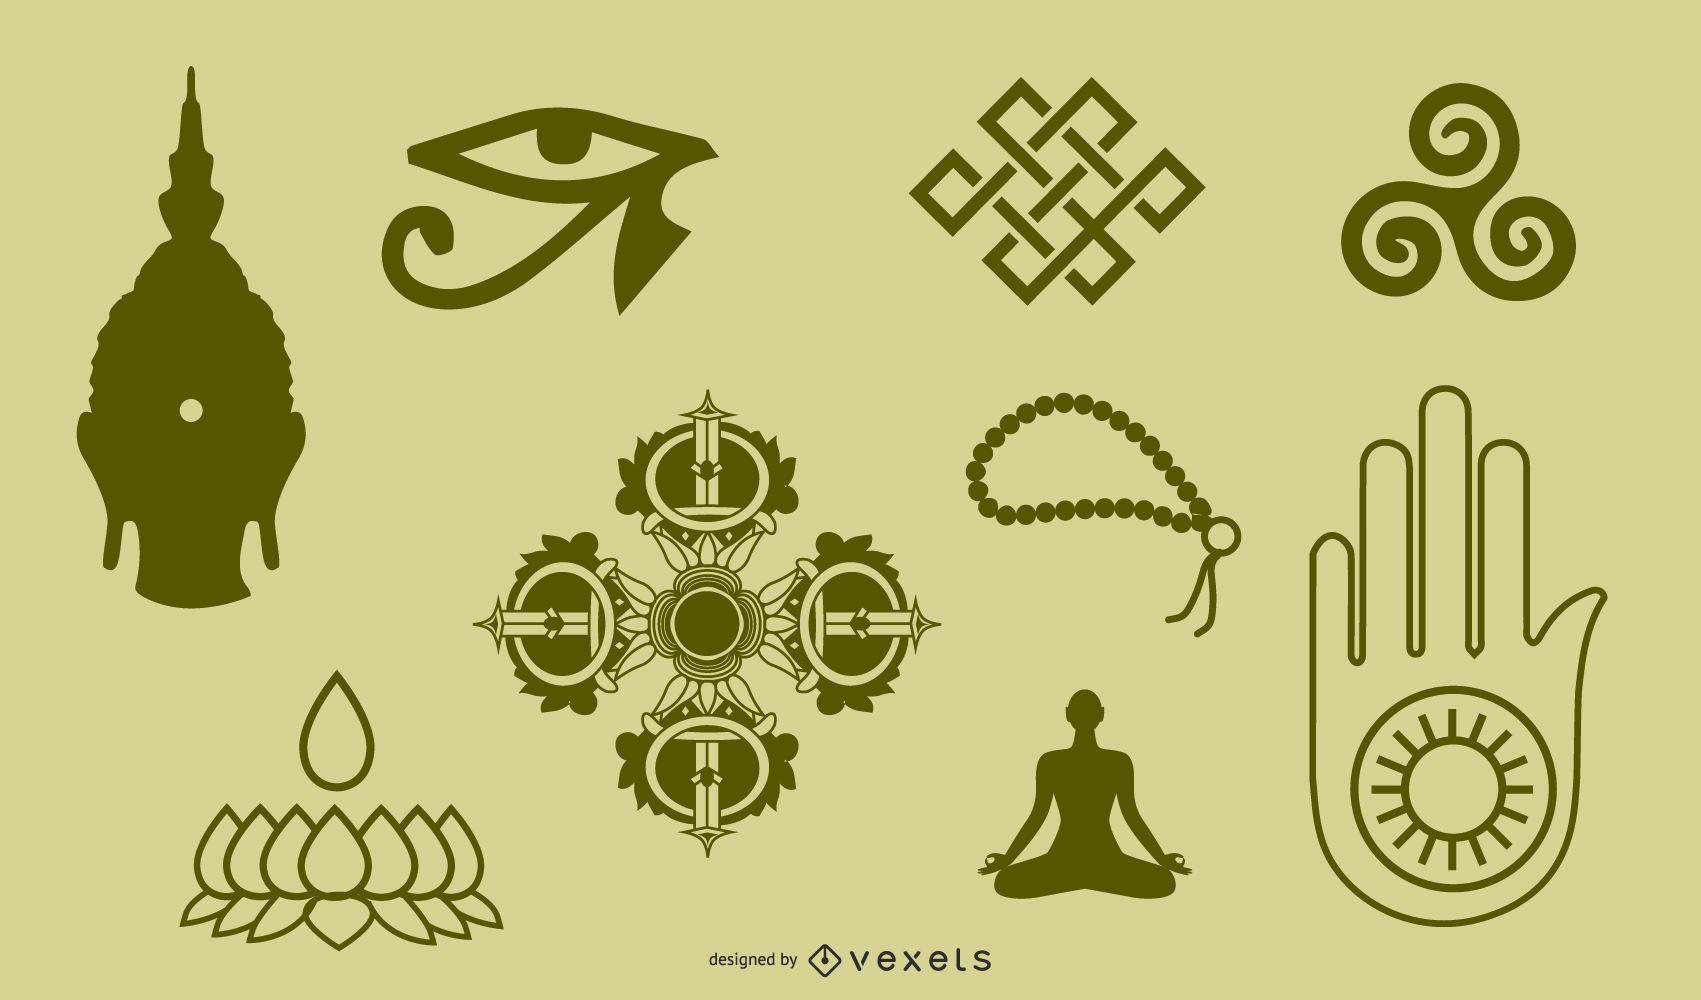 Símbolos e objetos do budismo tibetano Figura de doze objetos portáteis para identificação e etiqueta vetorial